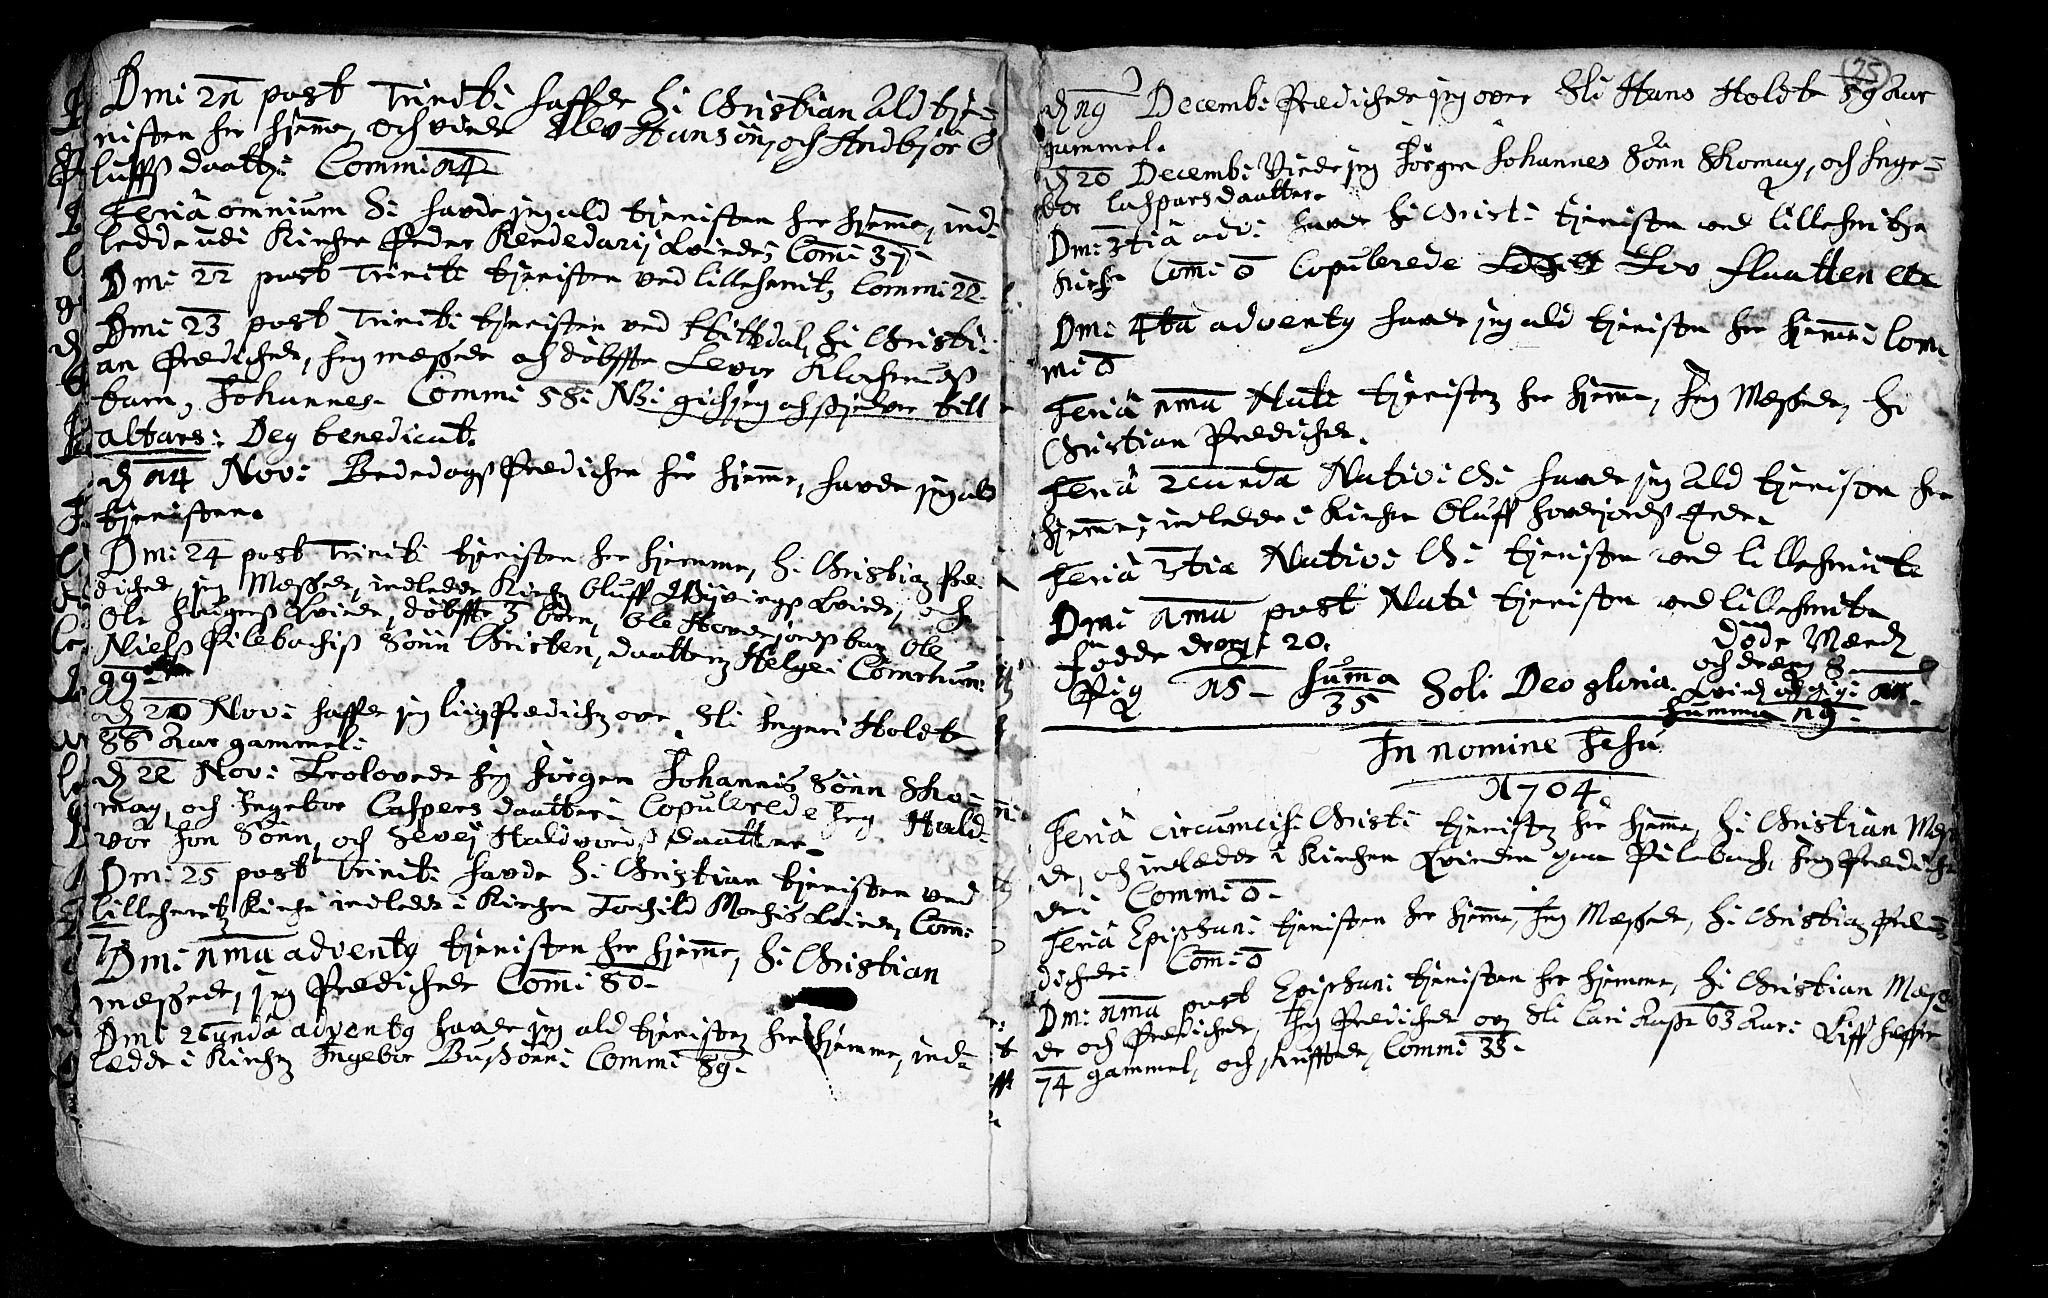 SAKO, Heddal kirkebøker, F/Fa/L0002: Ministerialbok nr. I 2, 1699-1722, s. 25